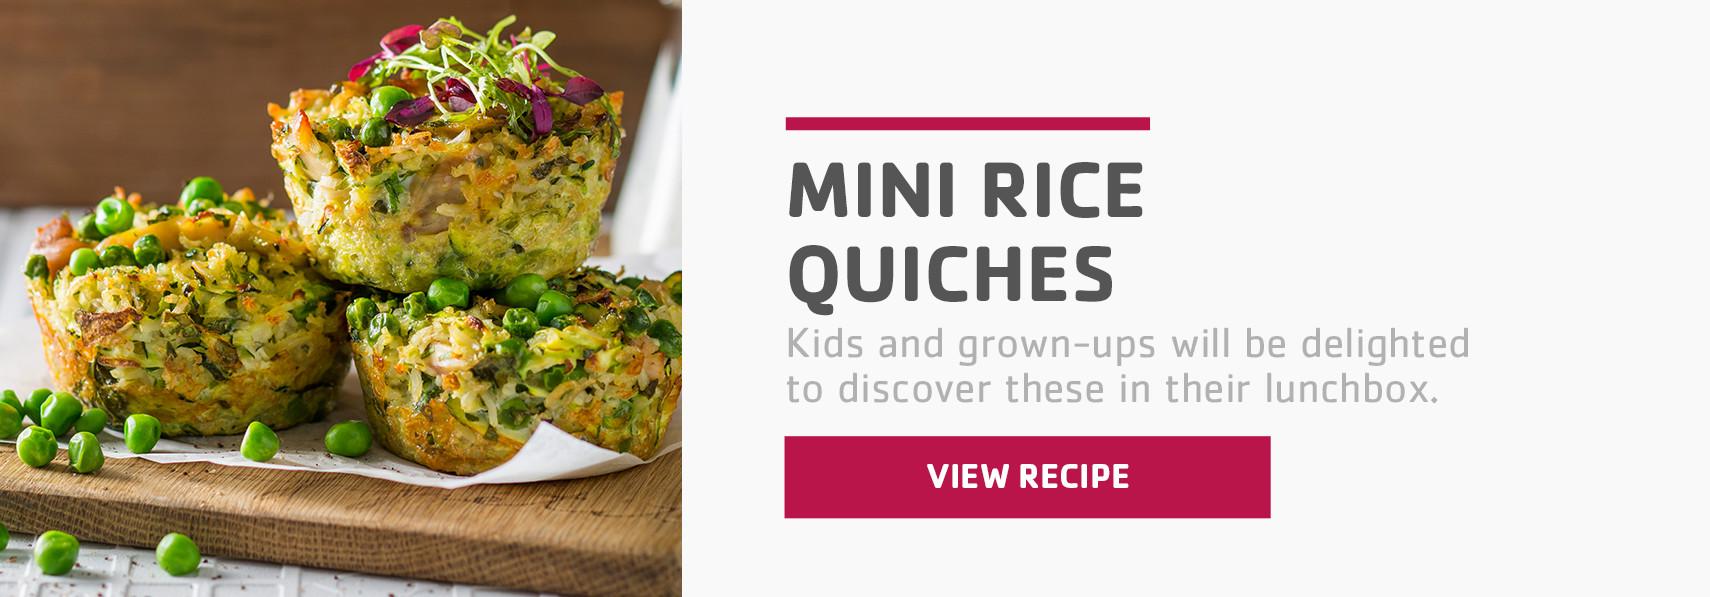 01_Lunchbox-mini_rice_quiches.jpg